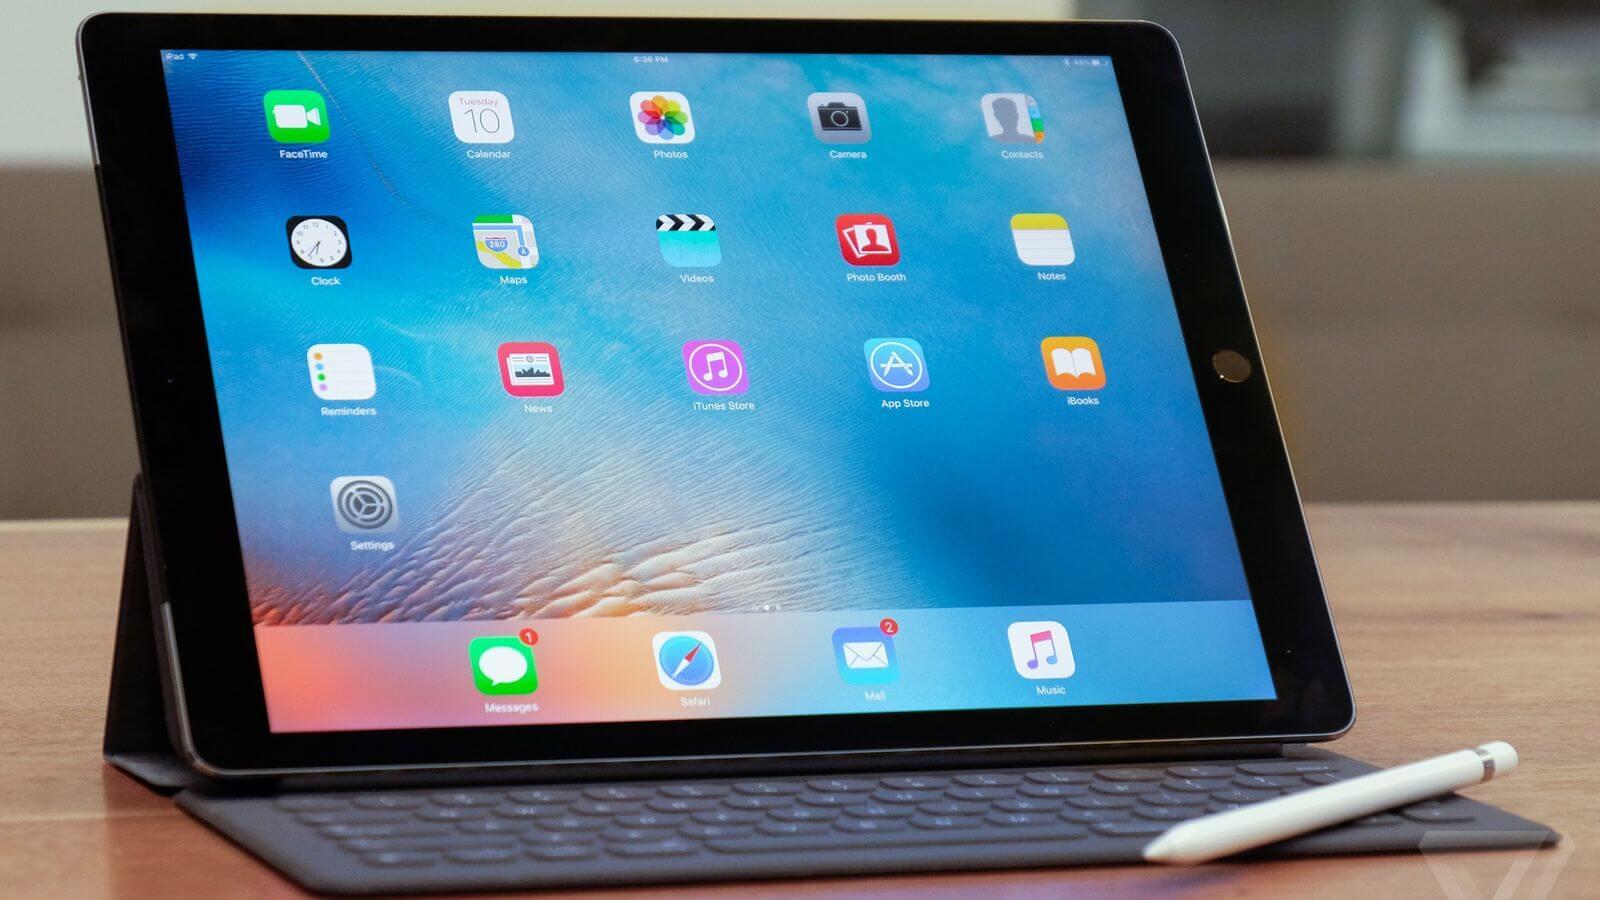 iPad sorunu iPad Sorunları 4 iPad Sorunları ve Çözümü ipad sorunlari